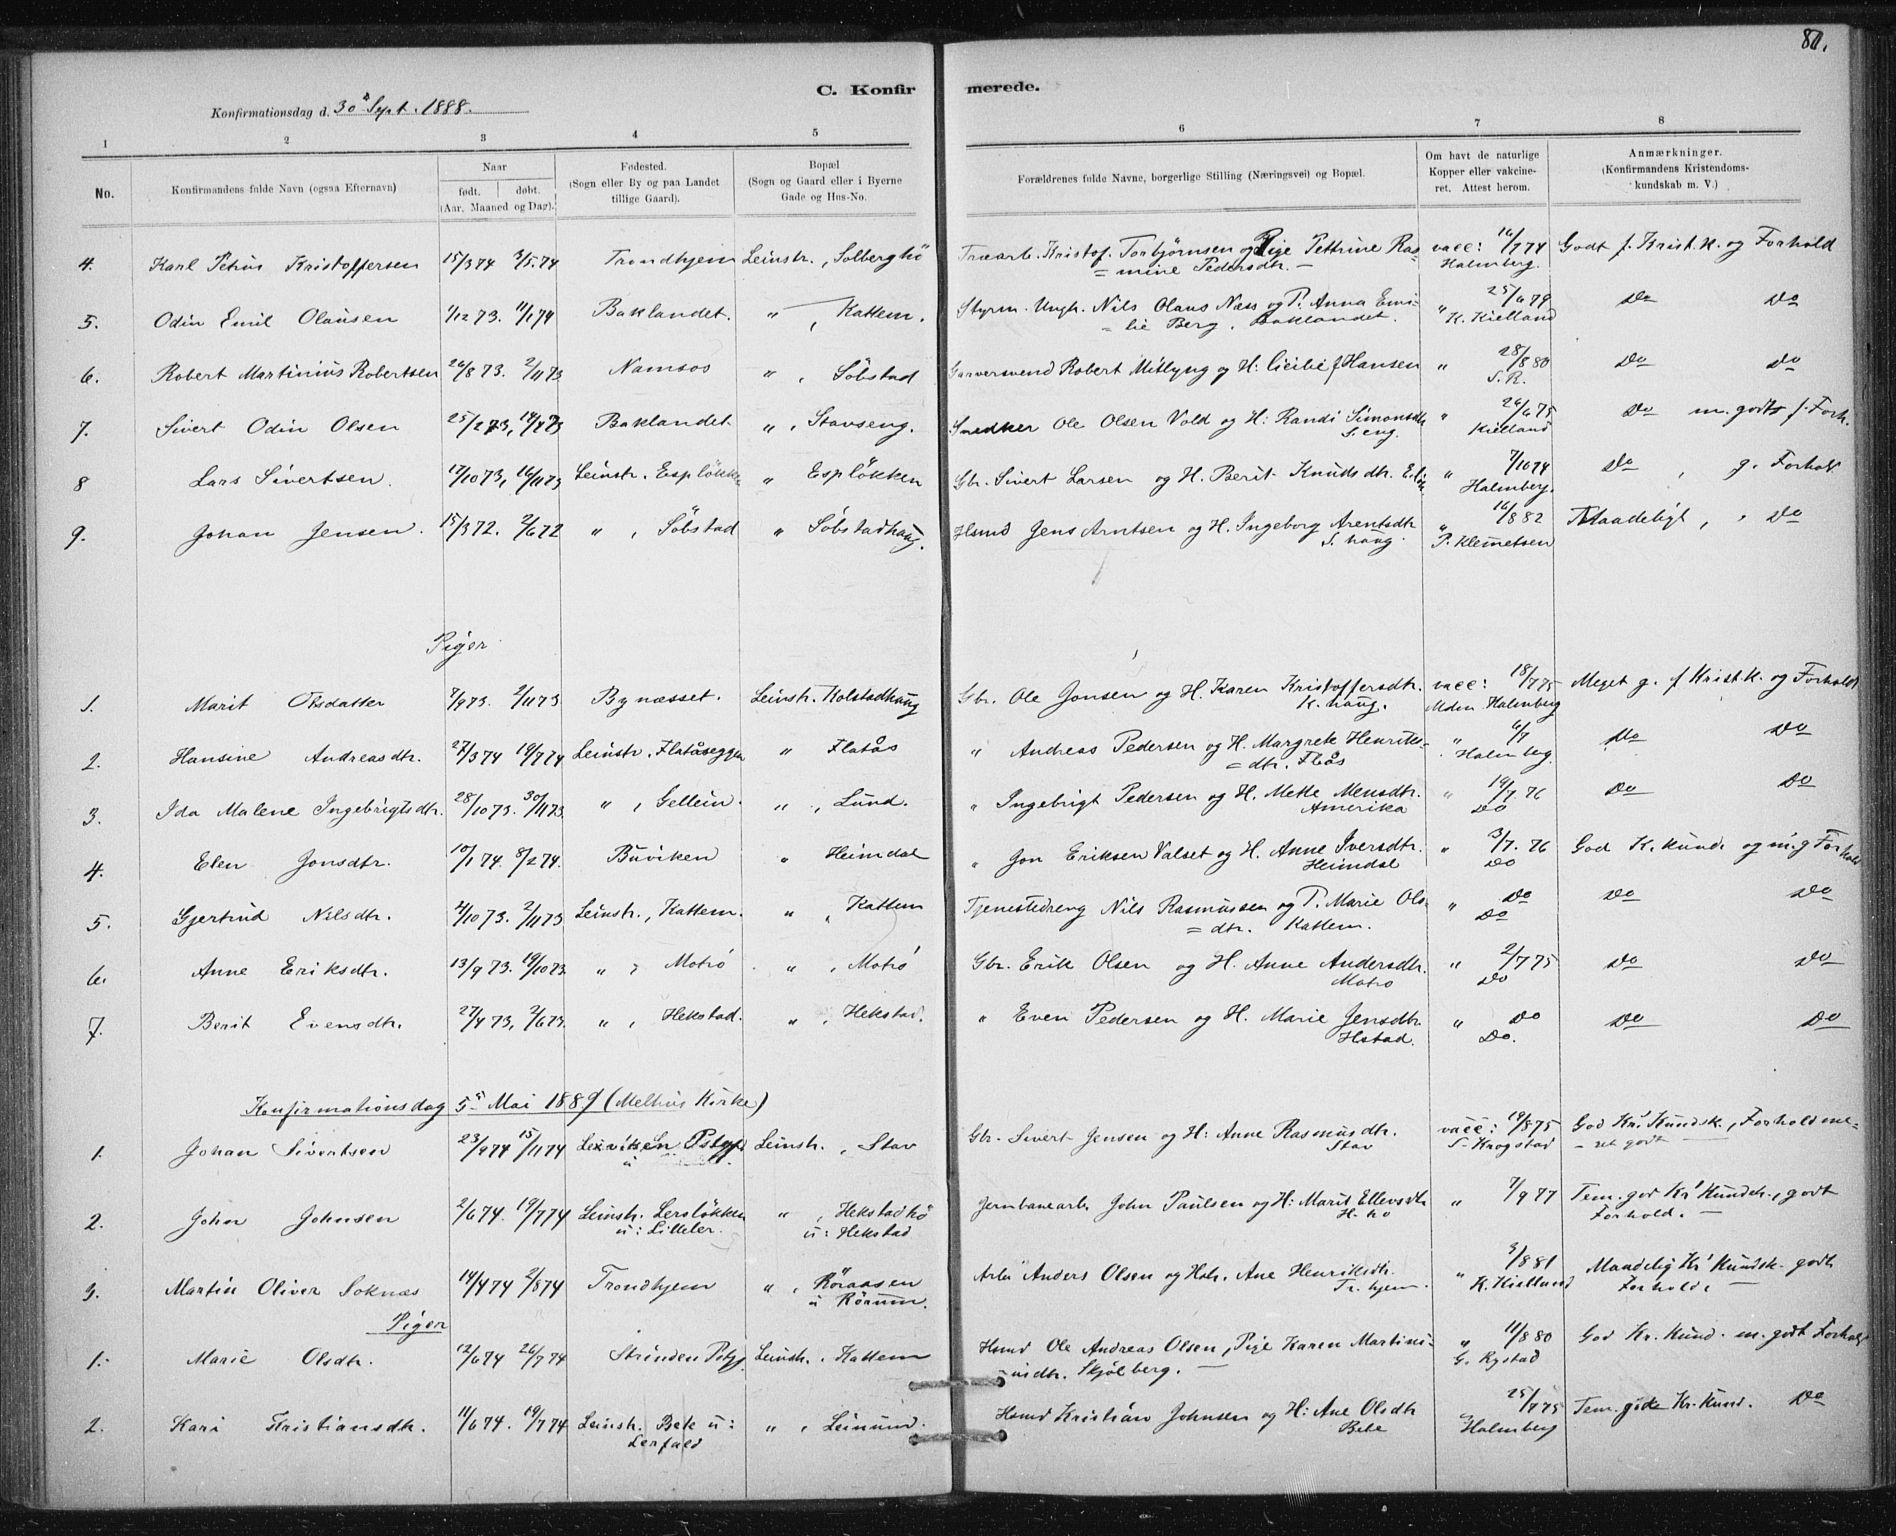 SAT, Ministerialprotokoller, klokkerbøker og fødselsregistre - Sør-Trøndelag, 613/L0392: Ministerialbok nr. 613A01, 1887-1906, s. 80